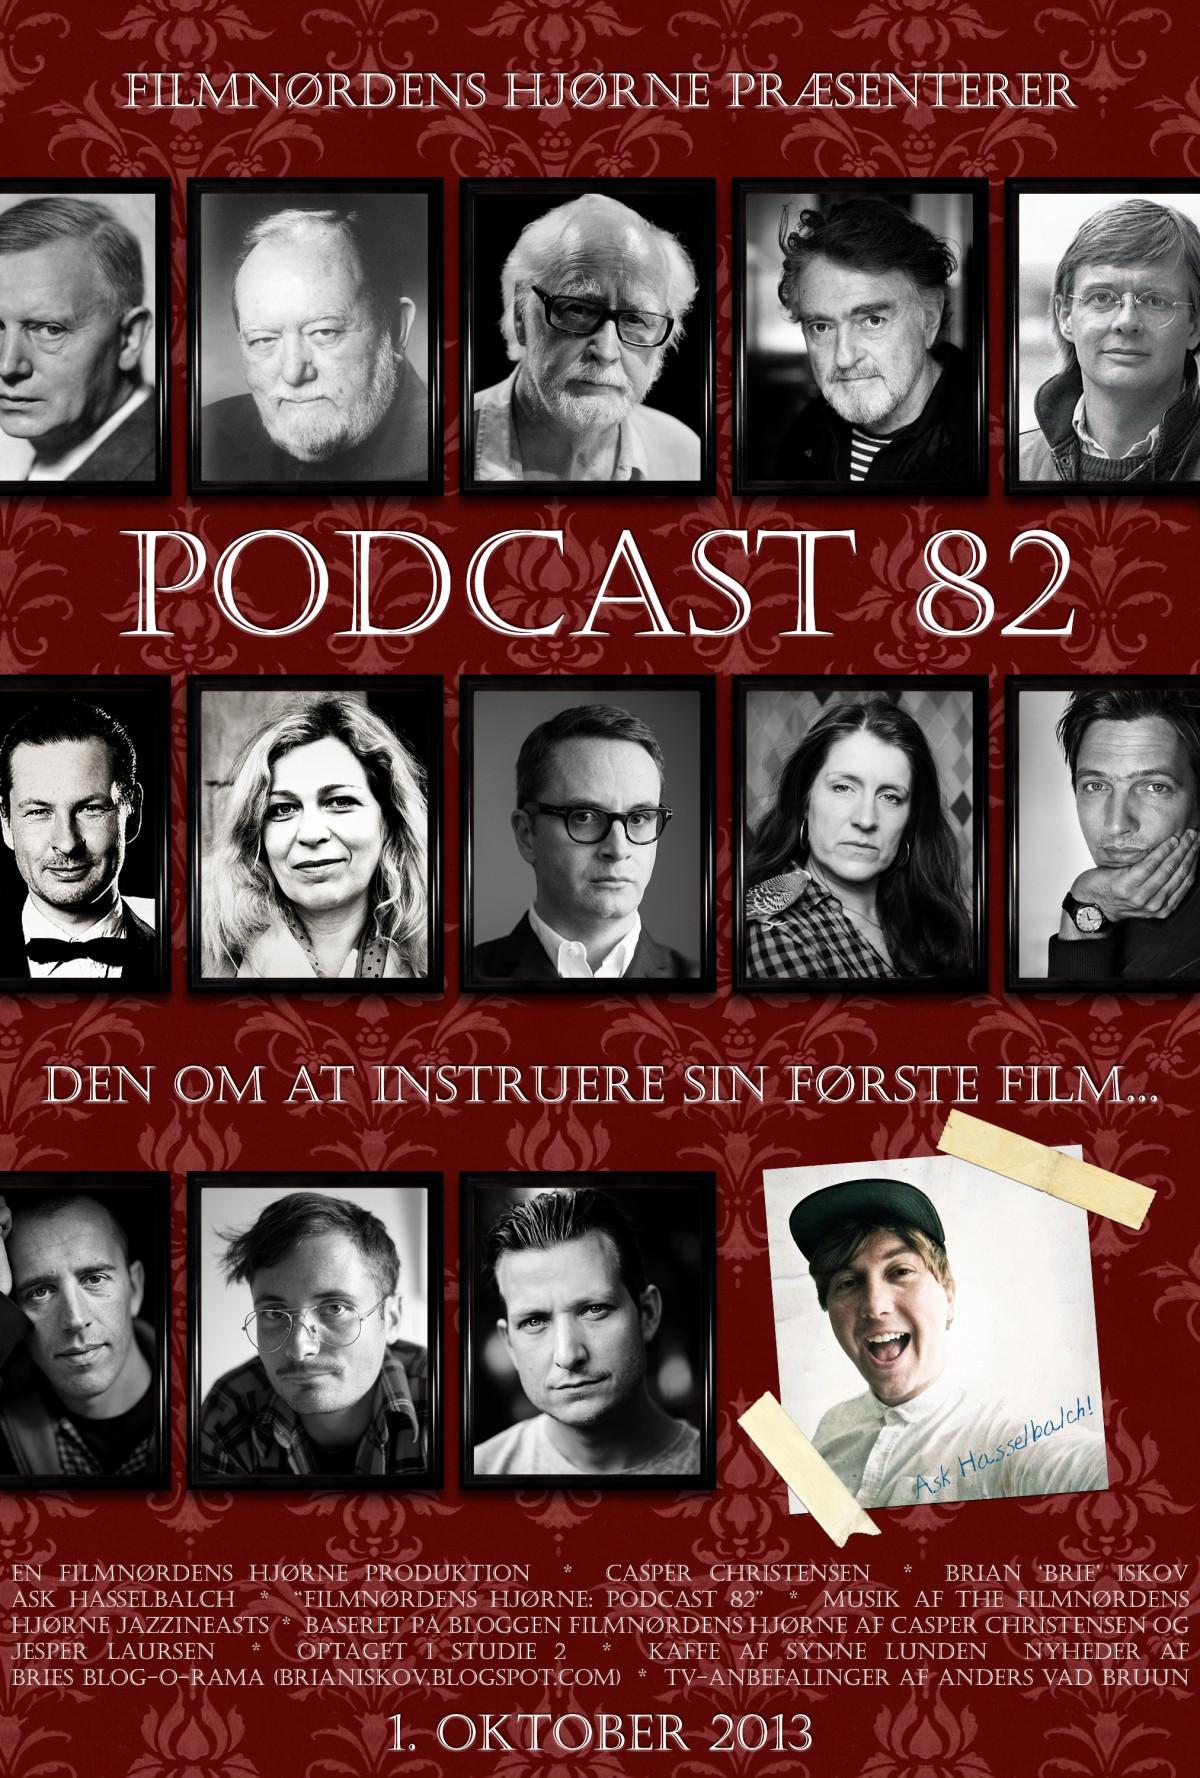 Poster-for-Podcast-82-3.jpg